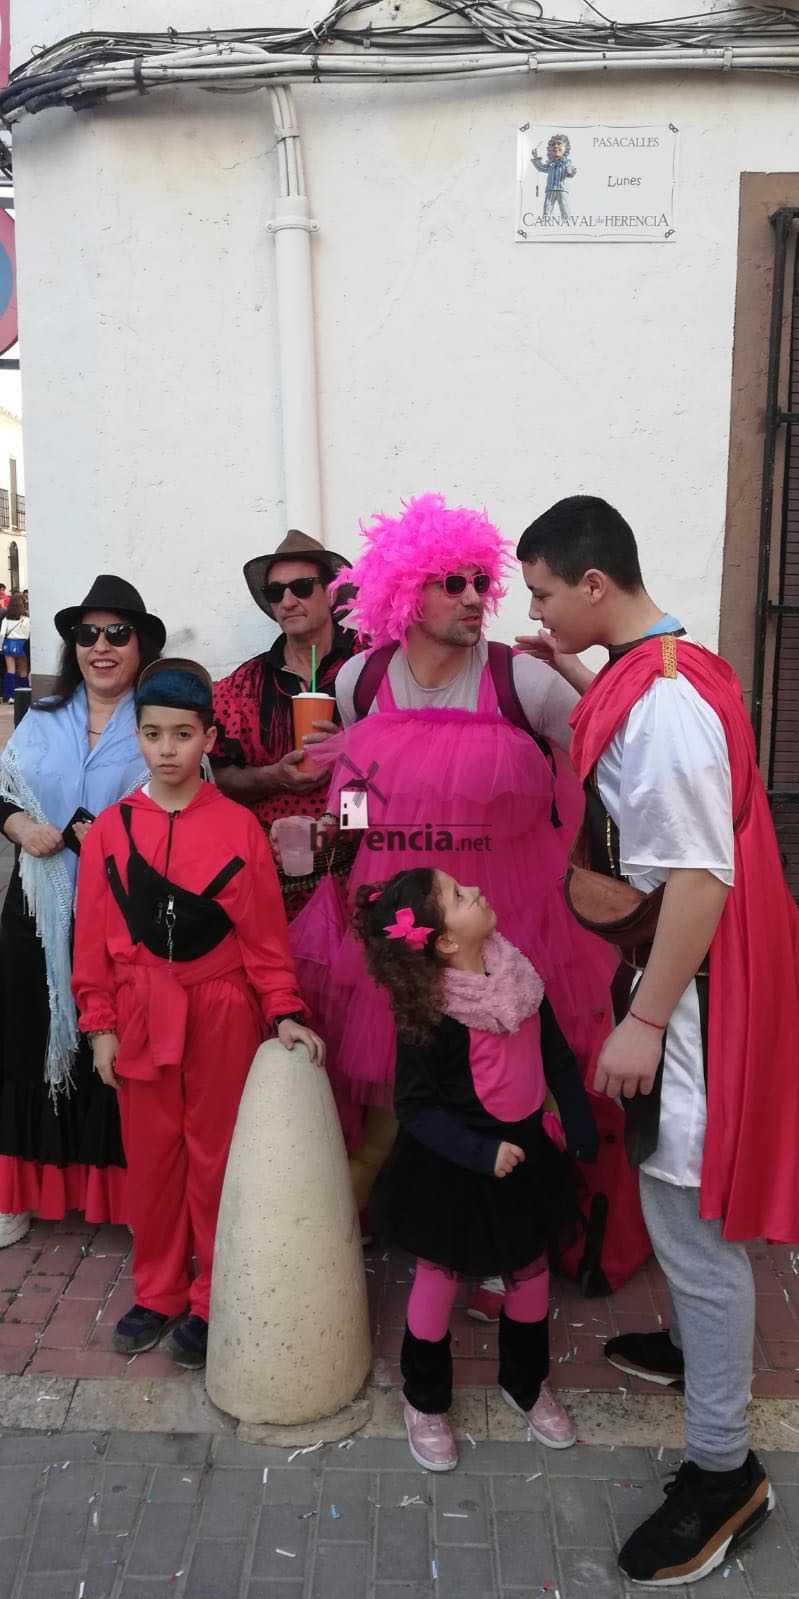 El Domingo de las Deseosas te invita al Carnaval de Herencia 2020 2